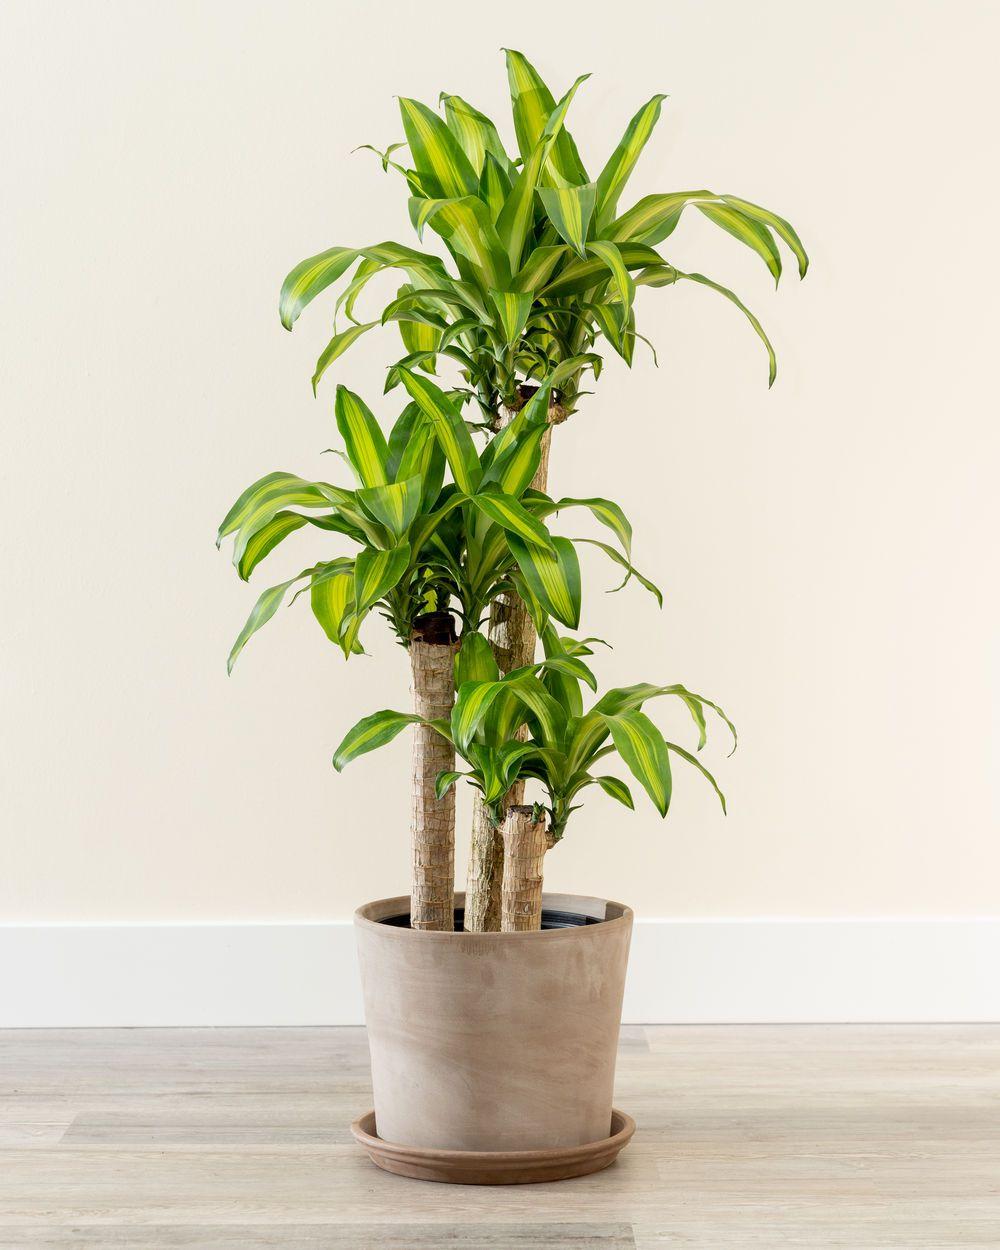 corn plant in pot